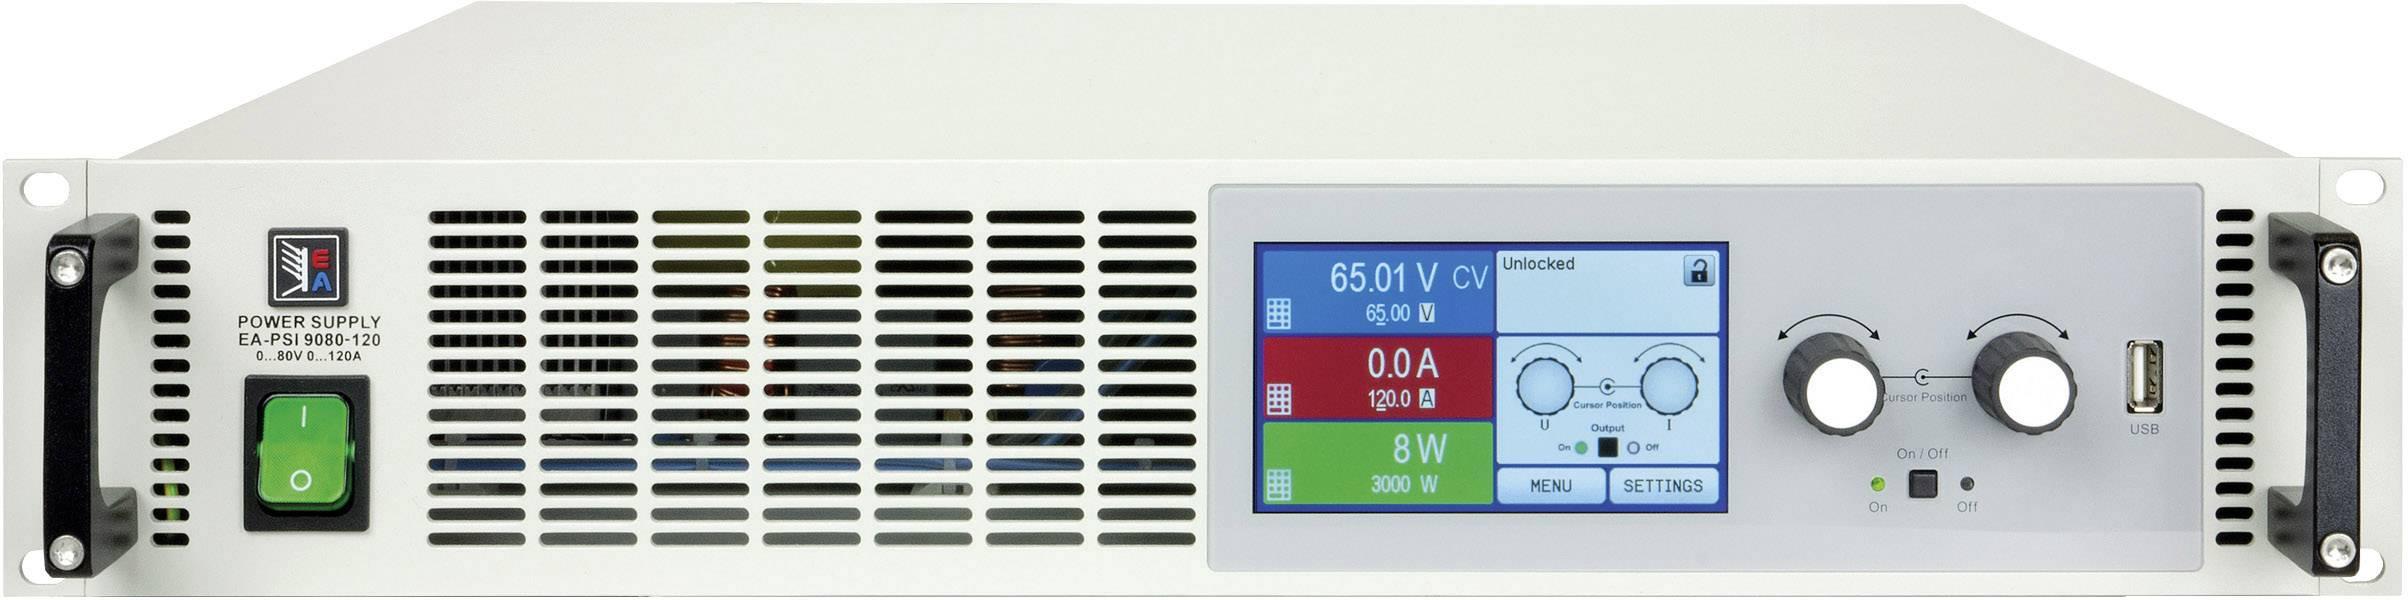 Programovateľný laboratórny zdroj EA EA-PSI 9200-50, 2U, 200 V, 50 A, 3000 W, USB